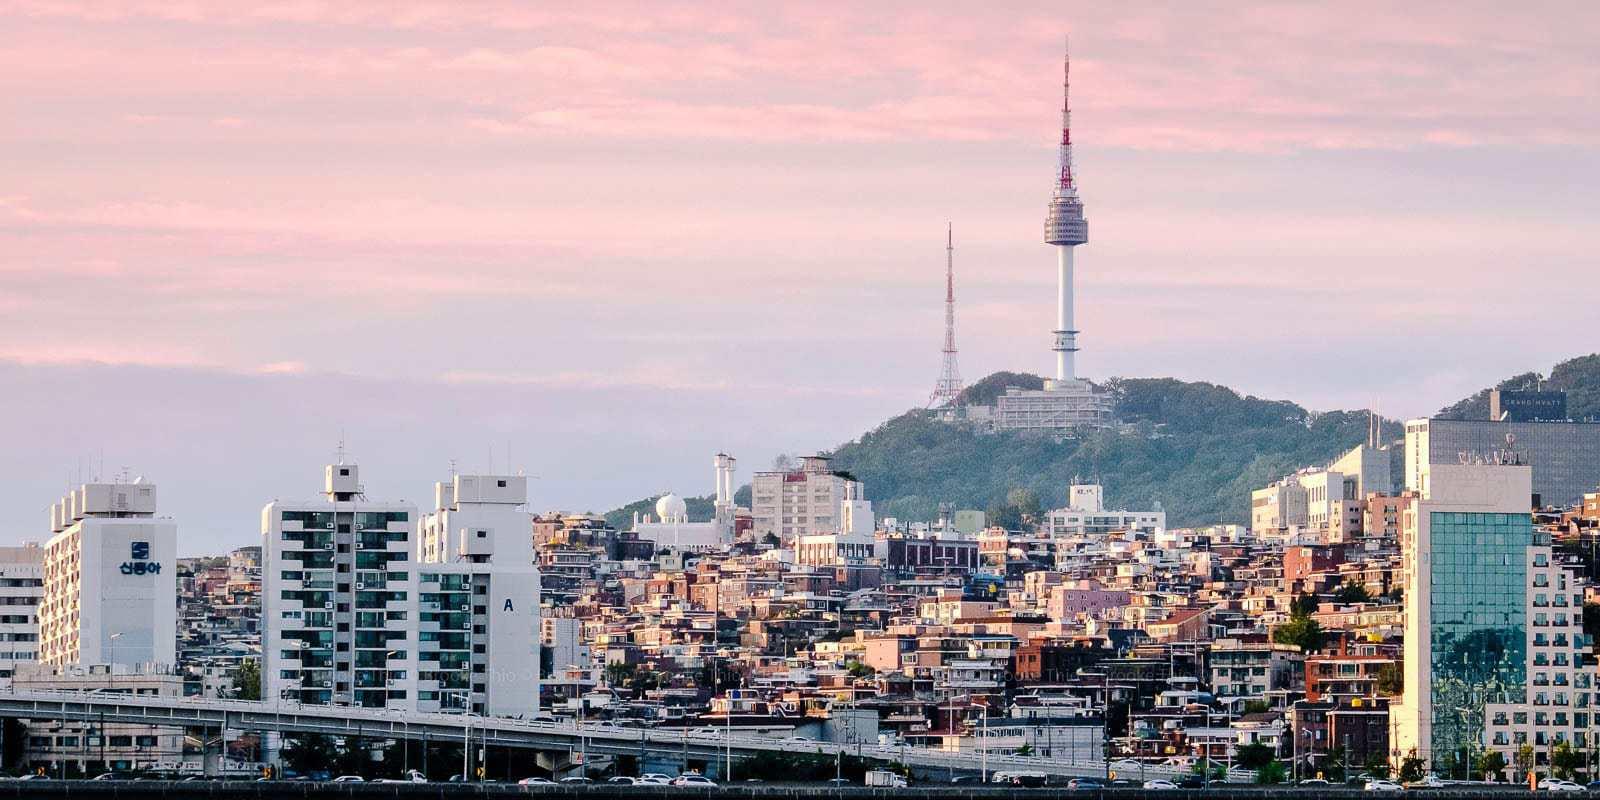 Hình ảnh thành phố Seoul